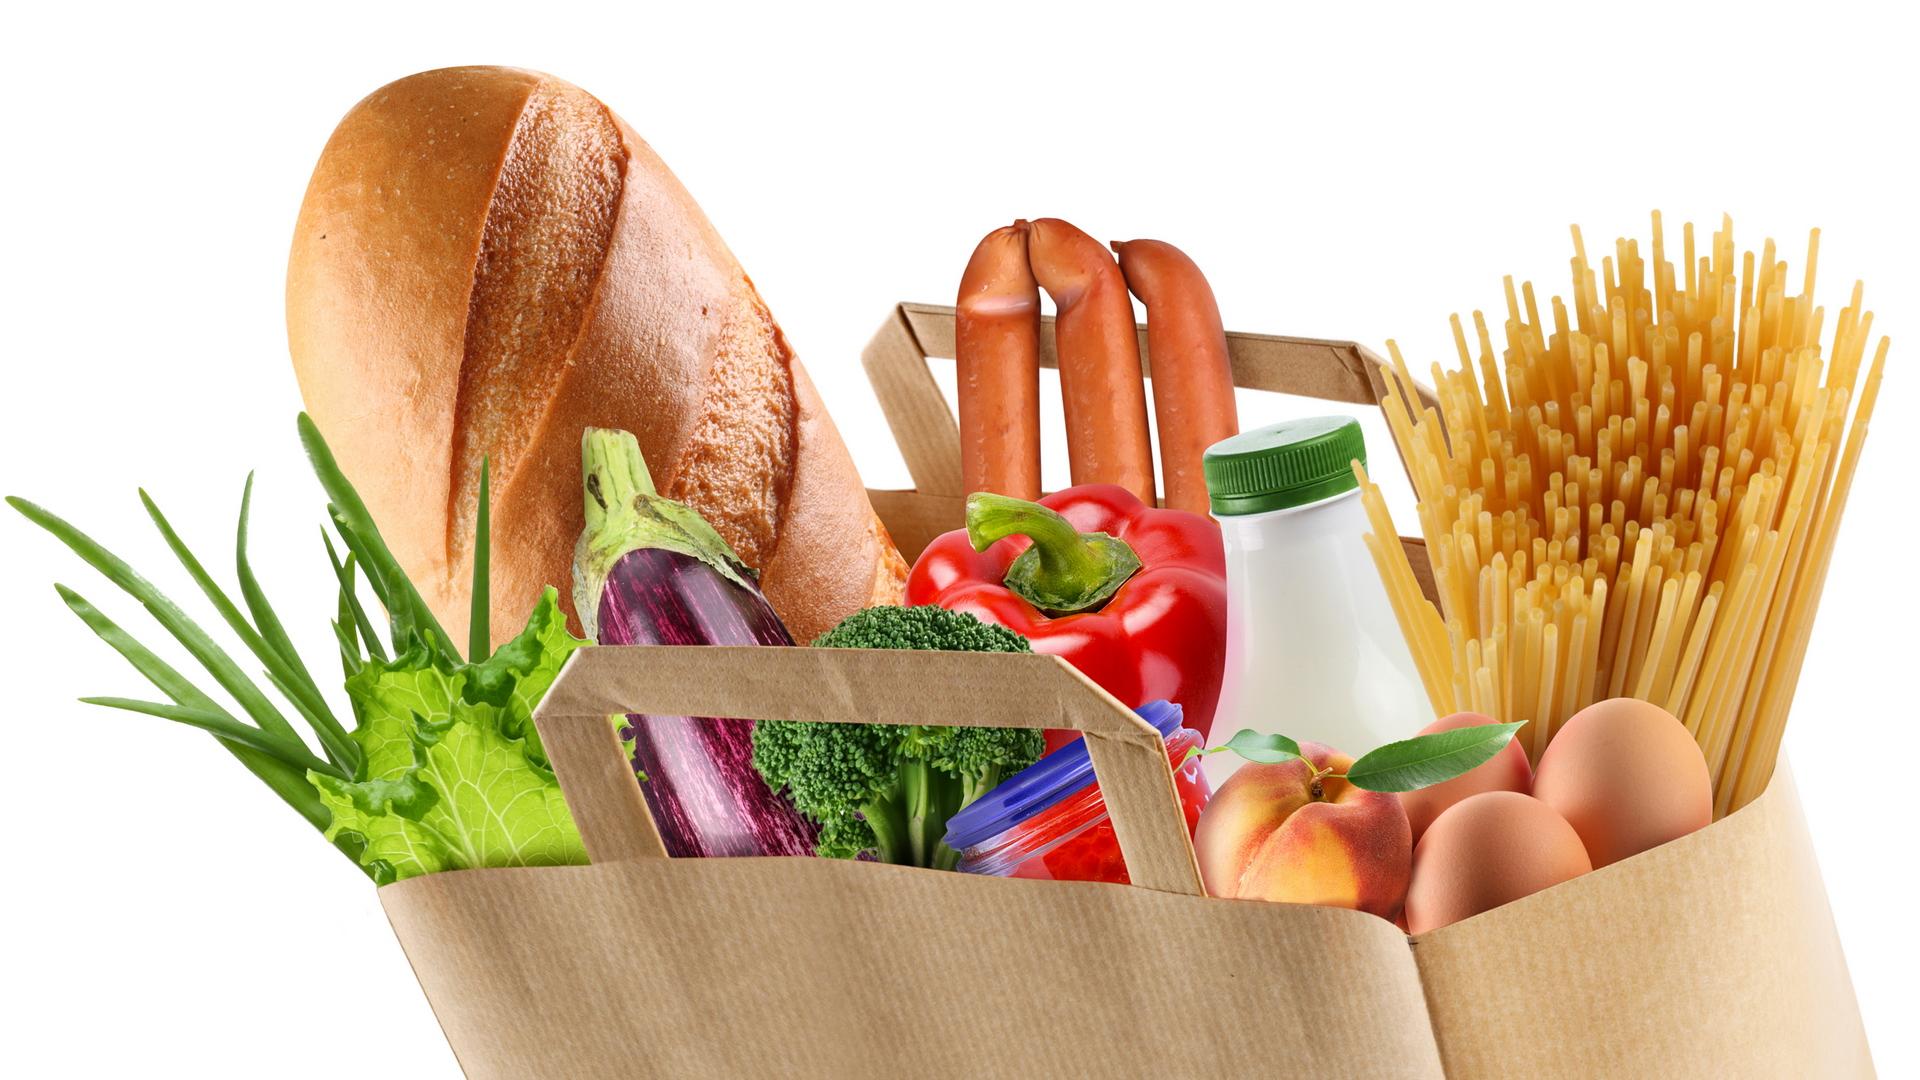 продукты противопоказанные при повышенном холестерине